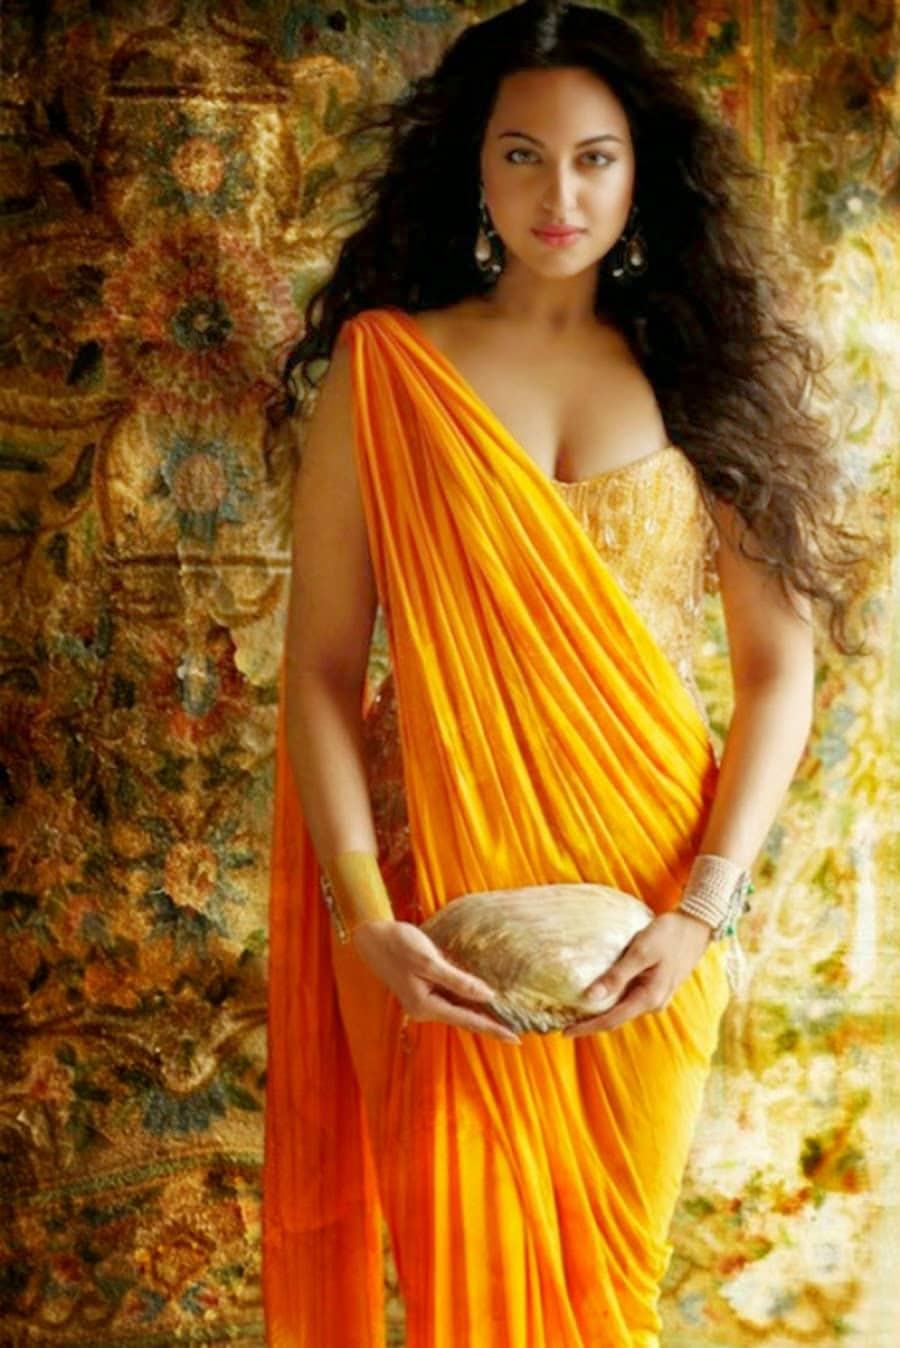 సోనాక్షి సిన్హా హాట్ ఫోటోస్...Photo : Twitter